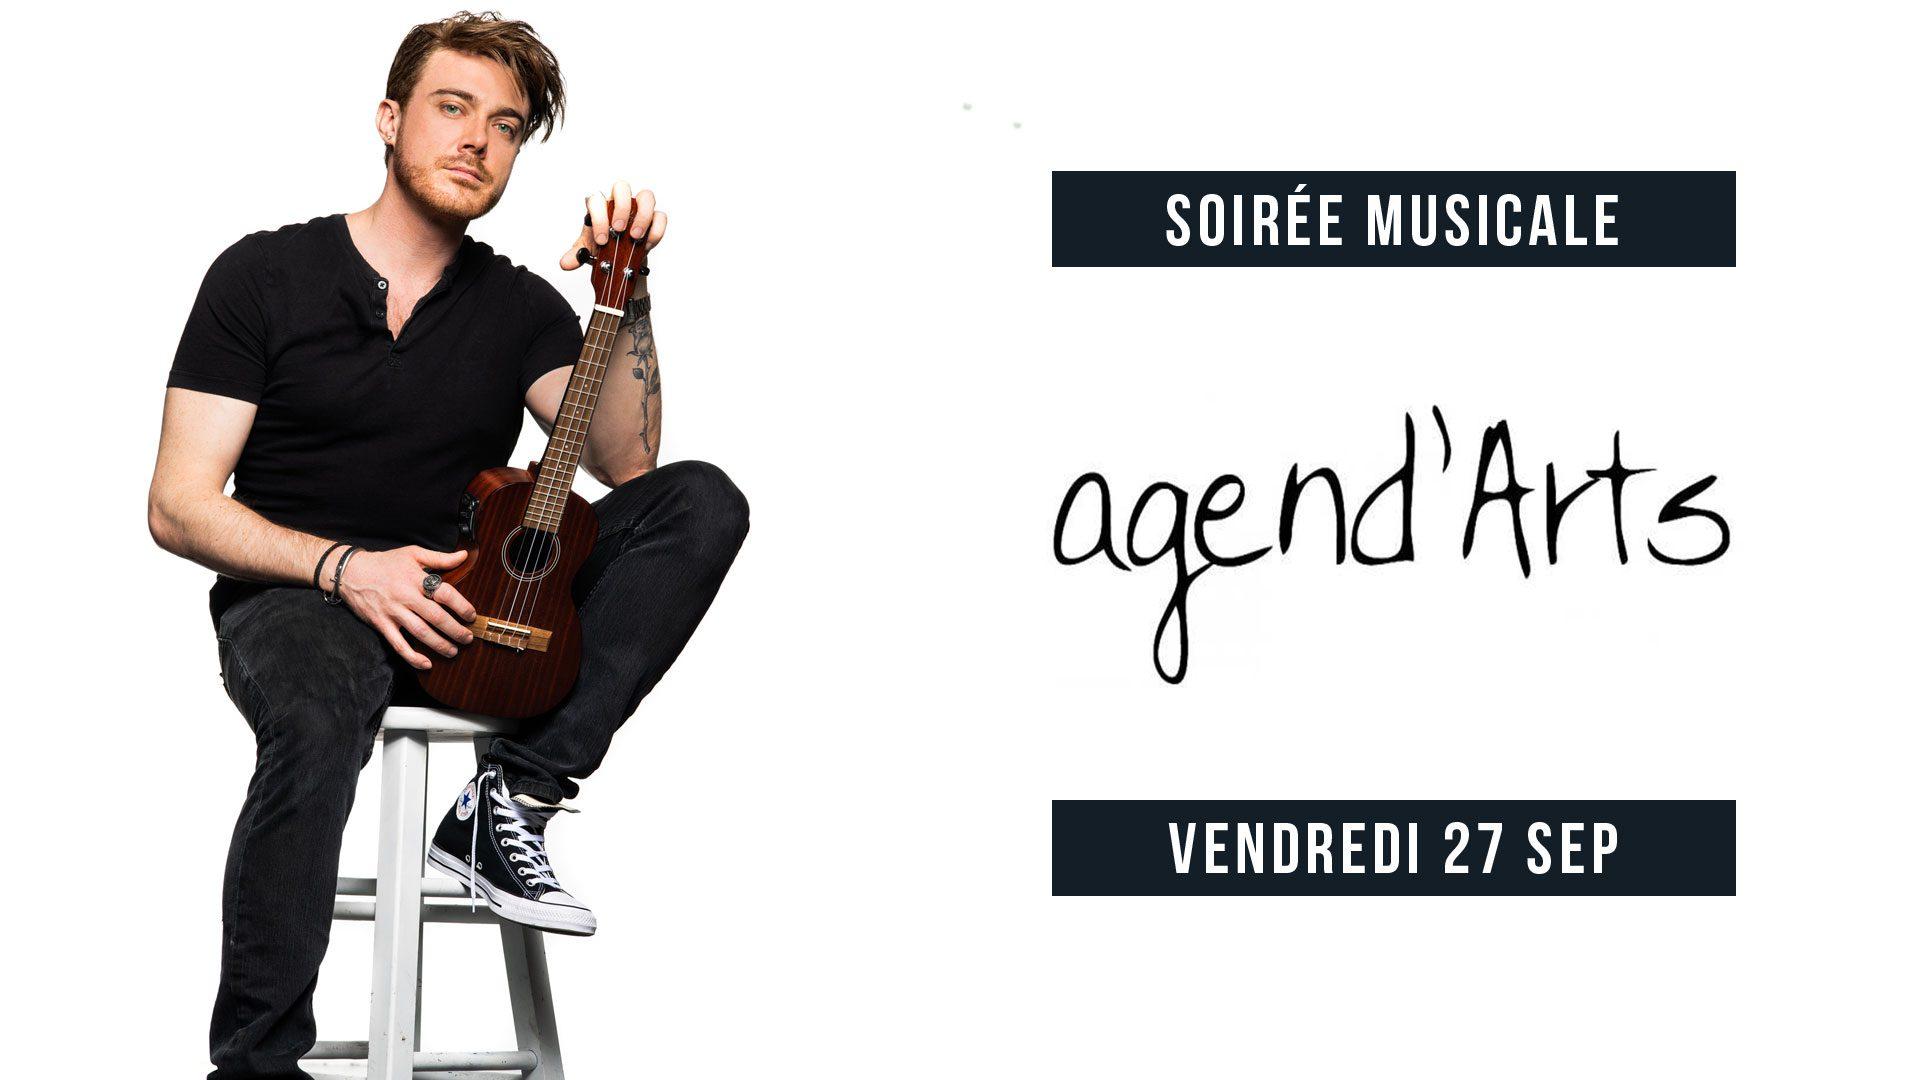 Soirée Musicale - Agend'arts